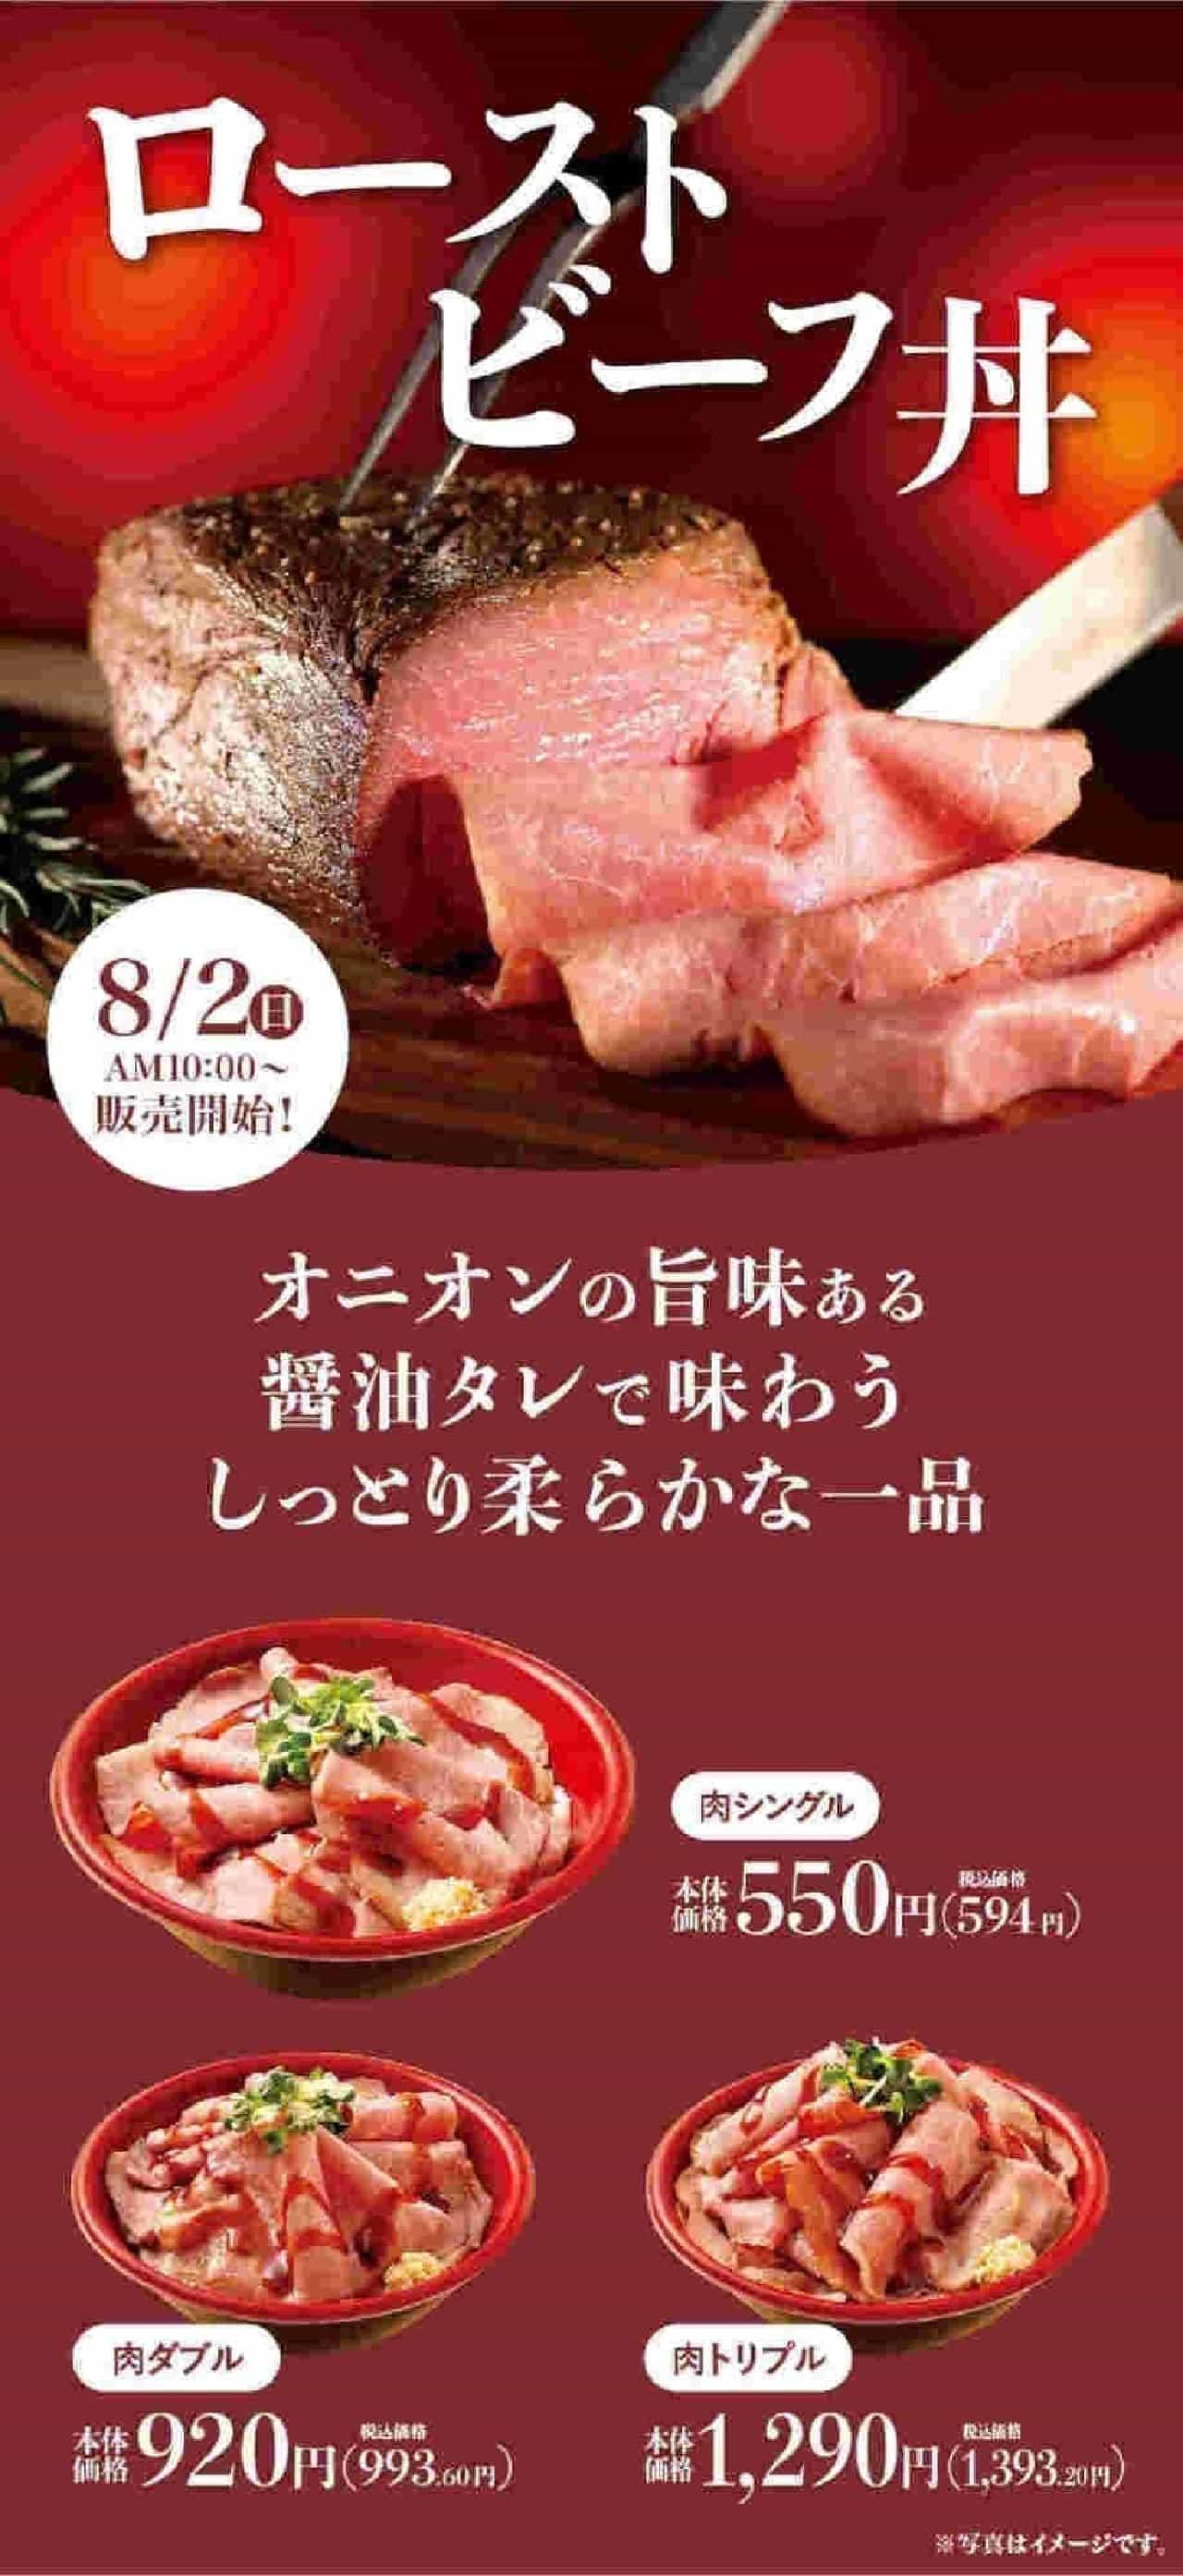 オリジン弁当に「ローストビーフ丼」